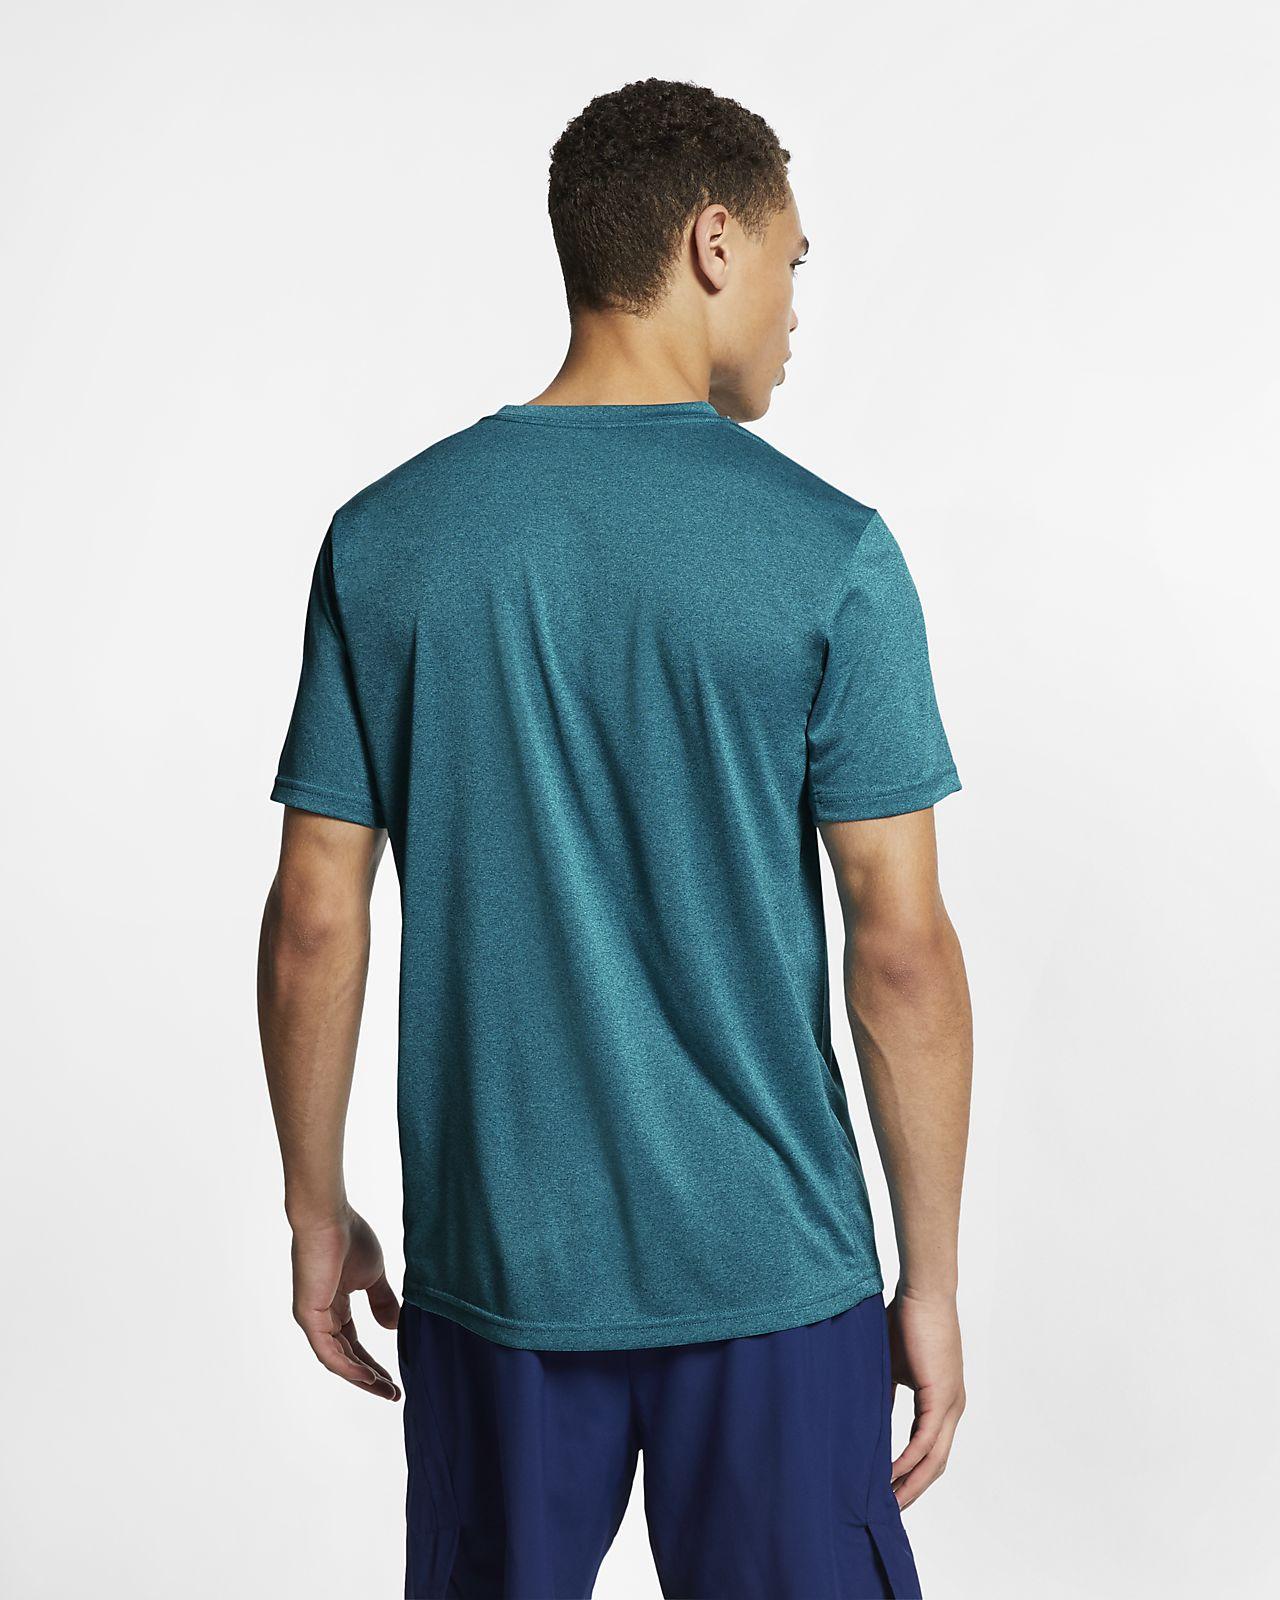 55f6a336 Nike Legend 2.0 V-Neck Men's Training Shirt. Nike.com